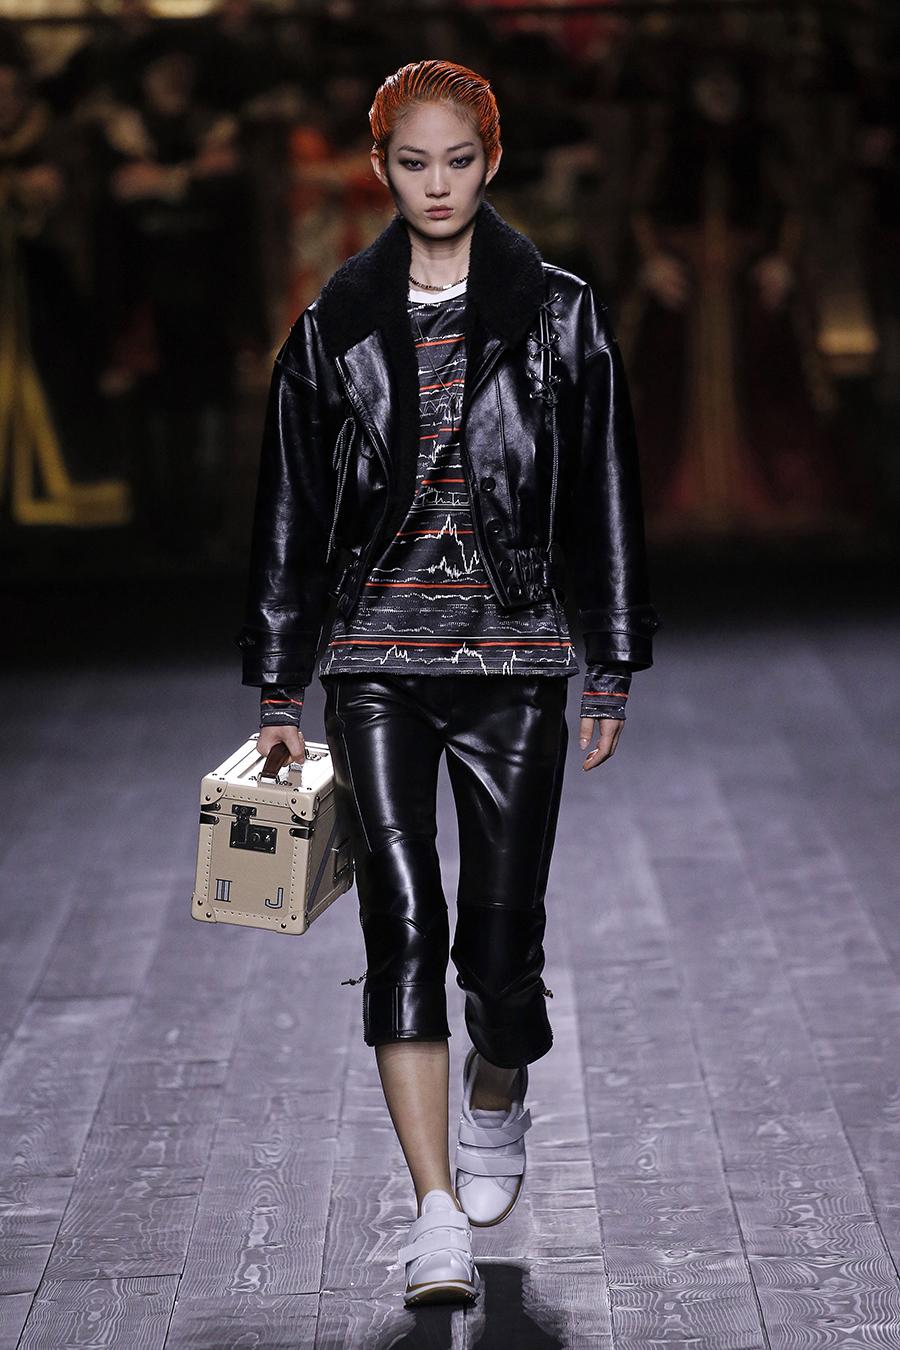 модная сумка саквояж огромная осень зима 2020 2021 чемоанчик бежевый